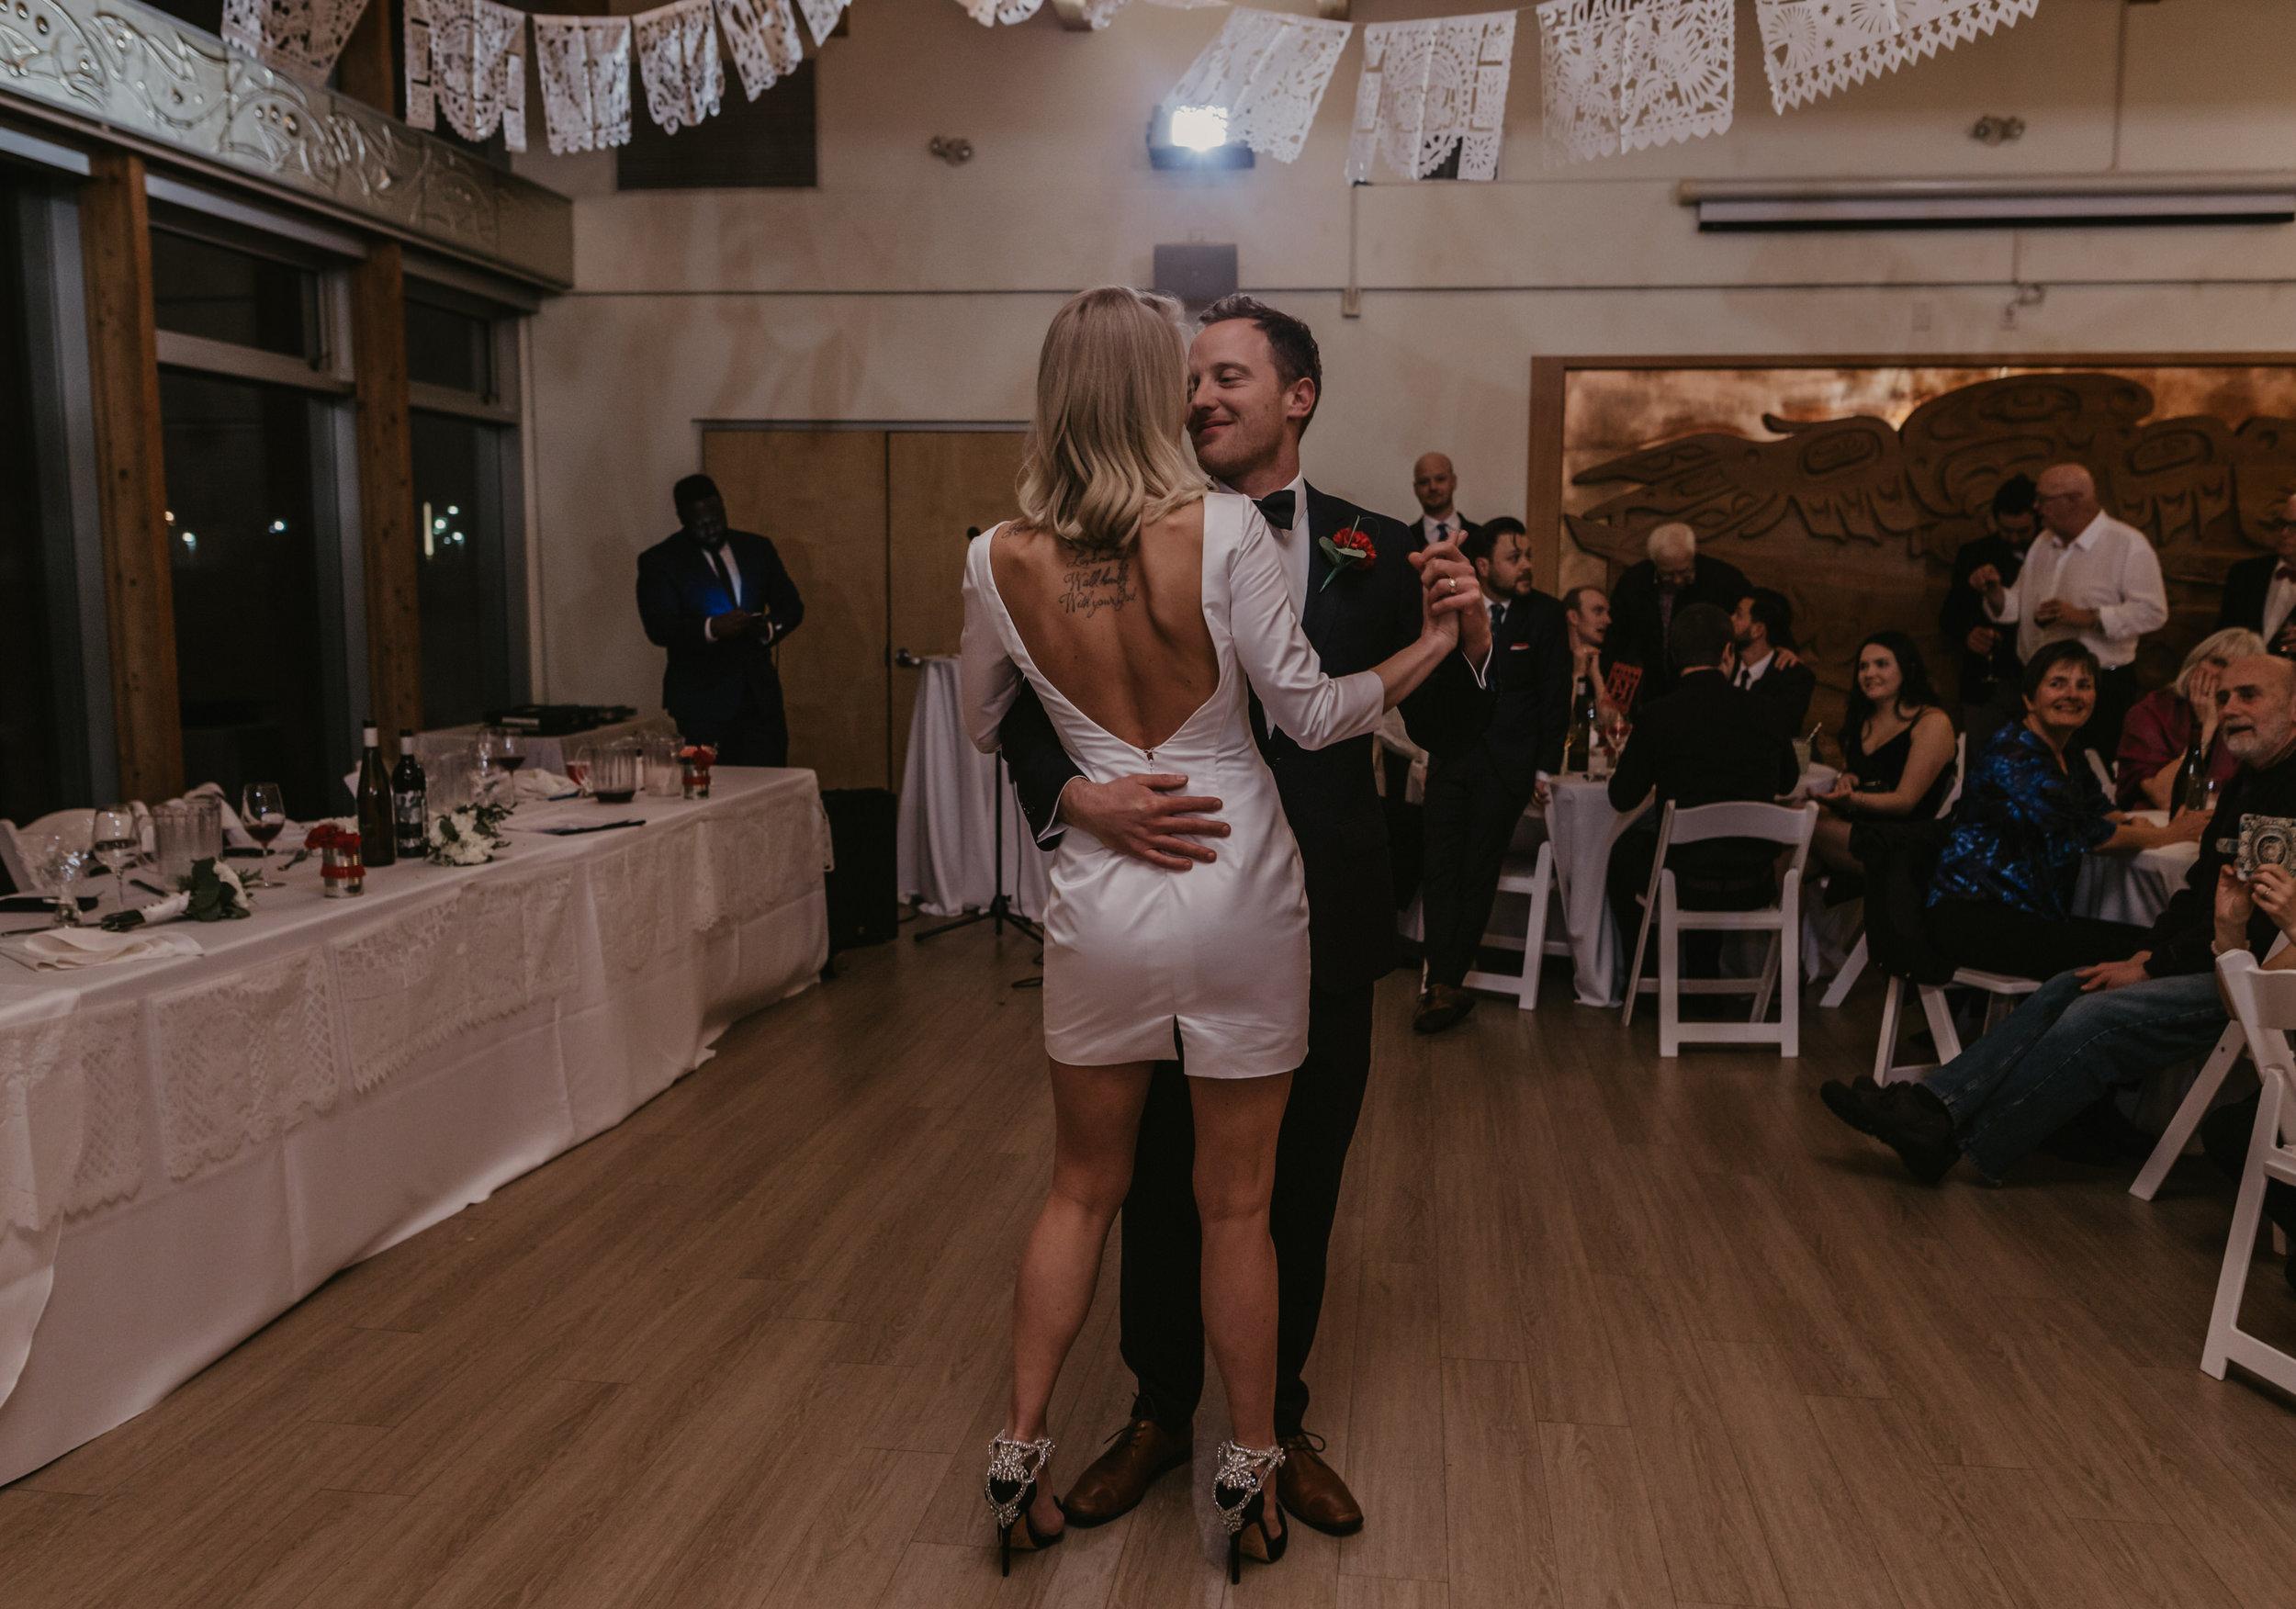 Vancouver New Years Eve Wedding - UBC Boathouse Wedding - Kitsilano Wedding Photos - Vancouver Wedding Photographer - Vancouver Wedding Videographer - 868.JPG